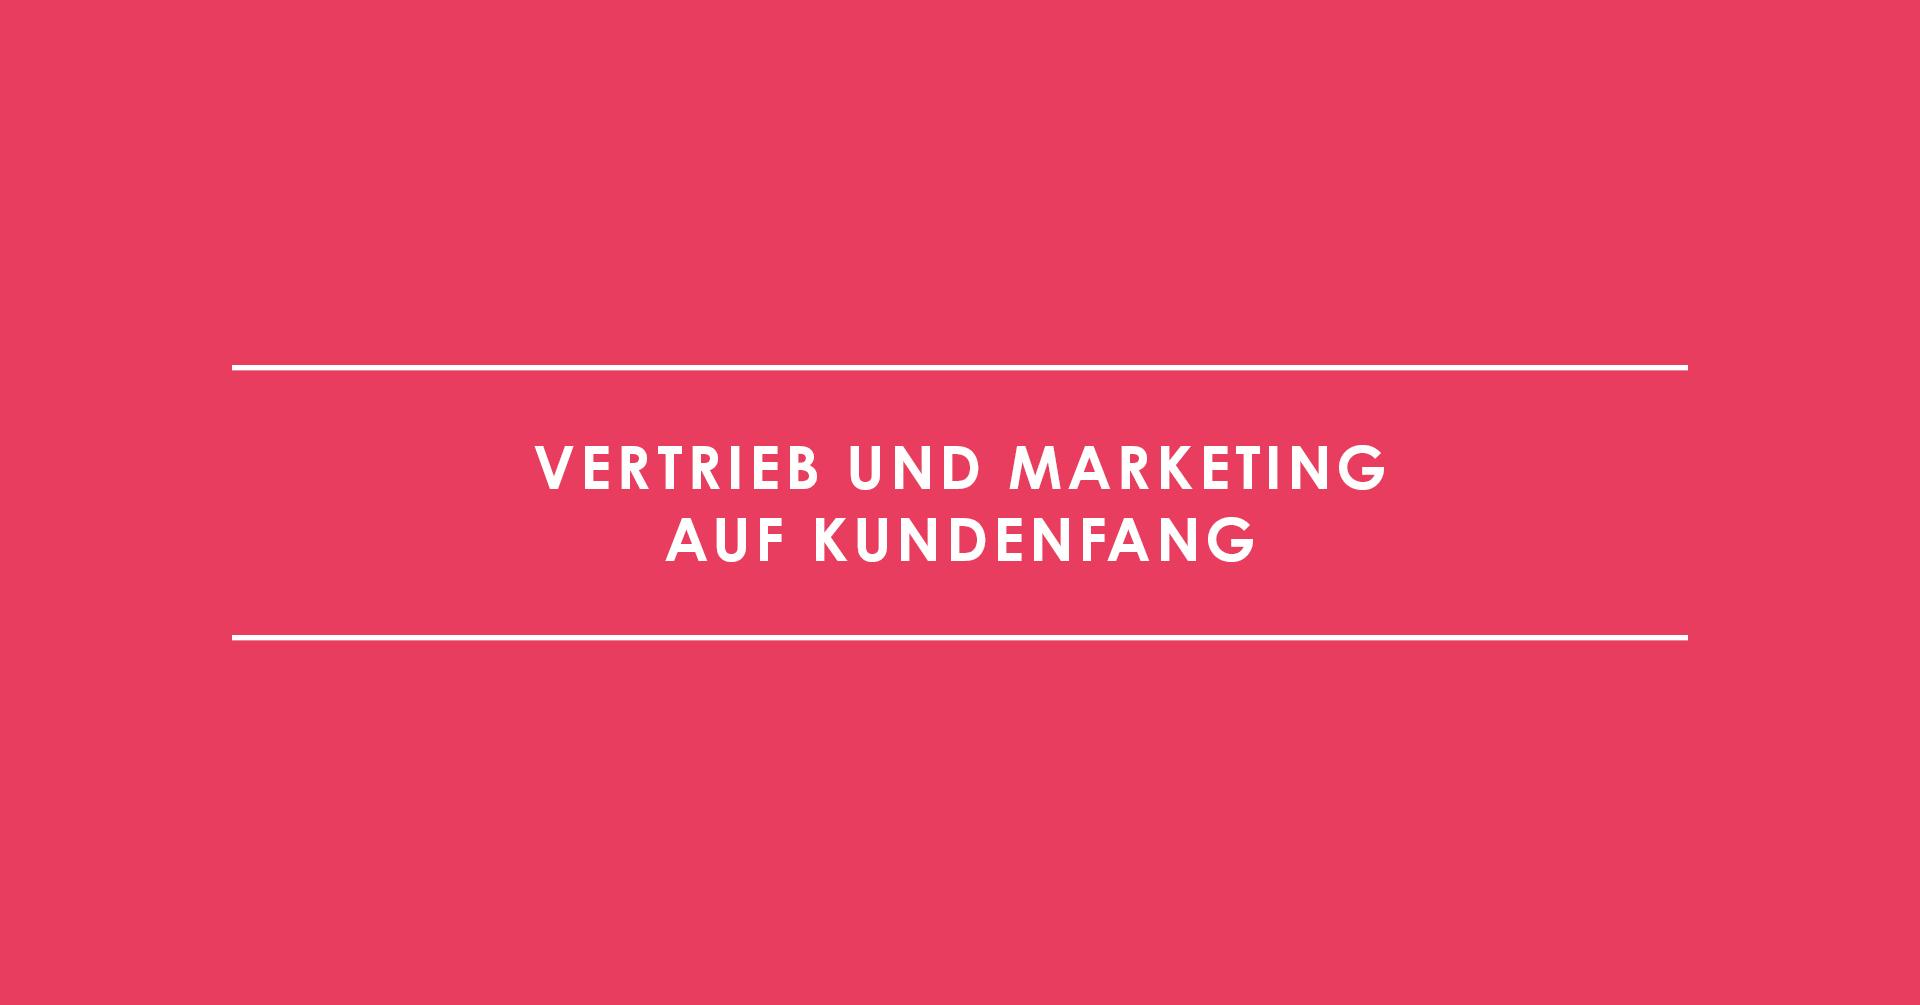 Sales Enablement: Vertrieb und Marketing auf Kundenfang